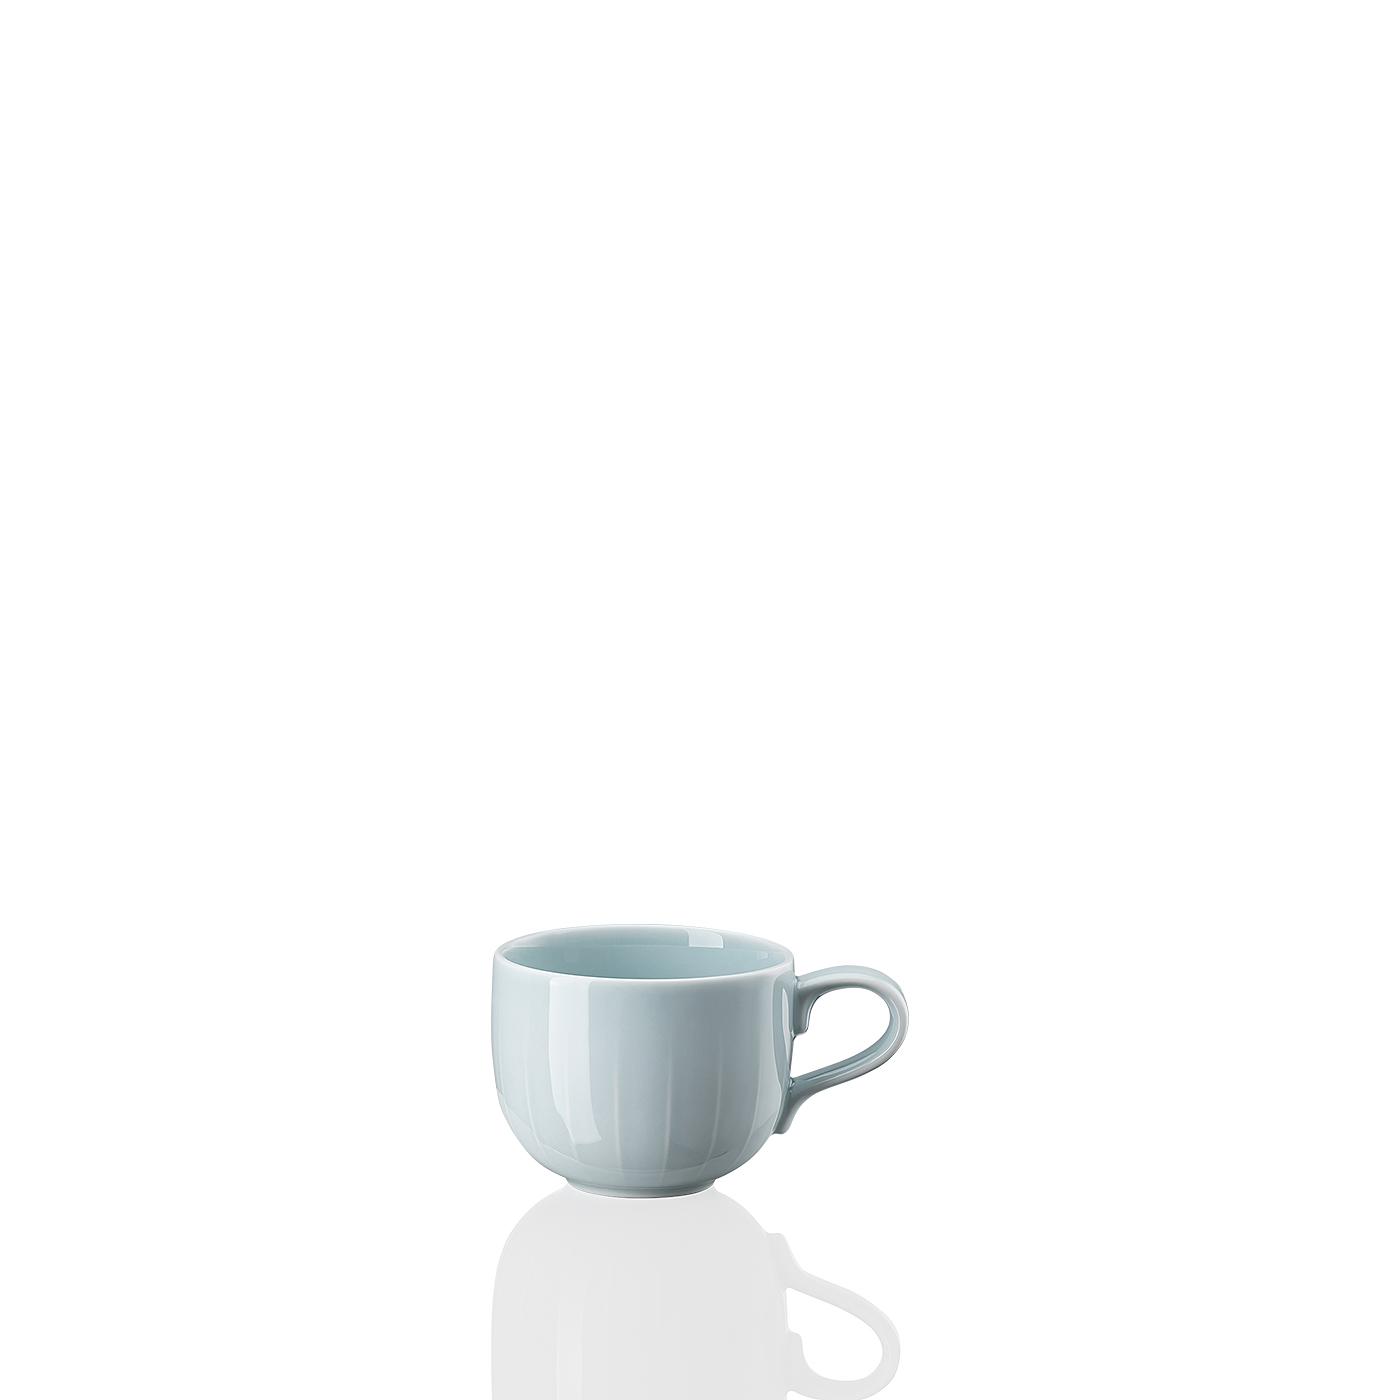 Kaffee-Obertasse Joyn Mint Green Arzberg